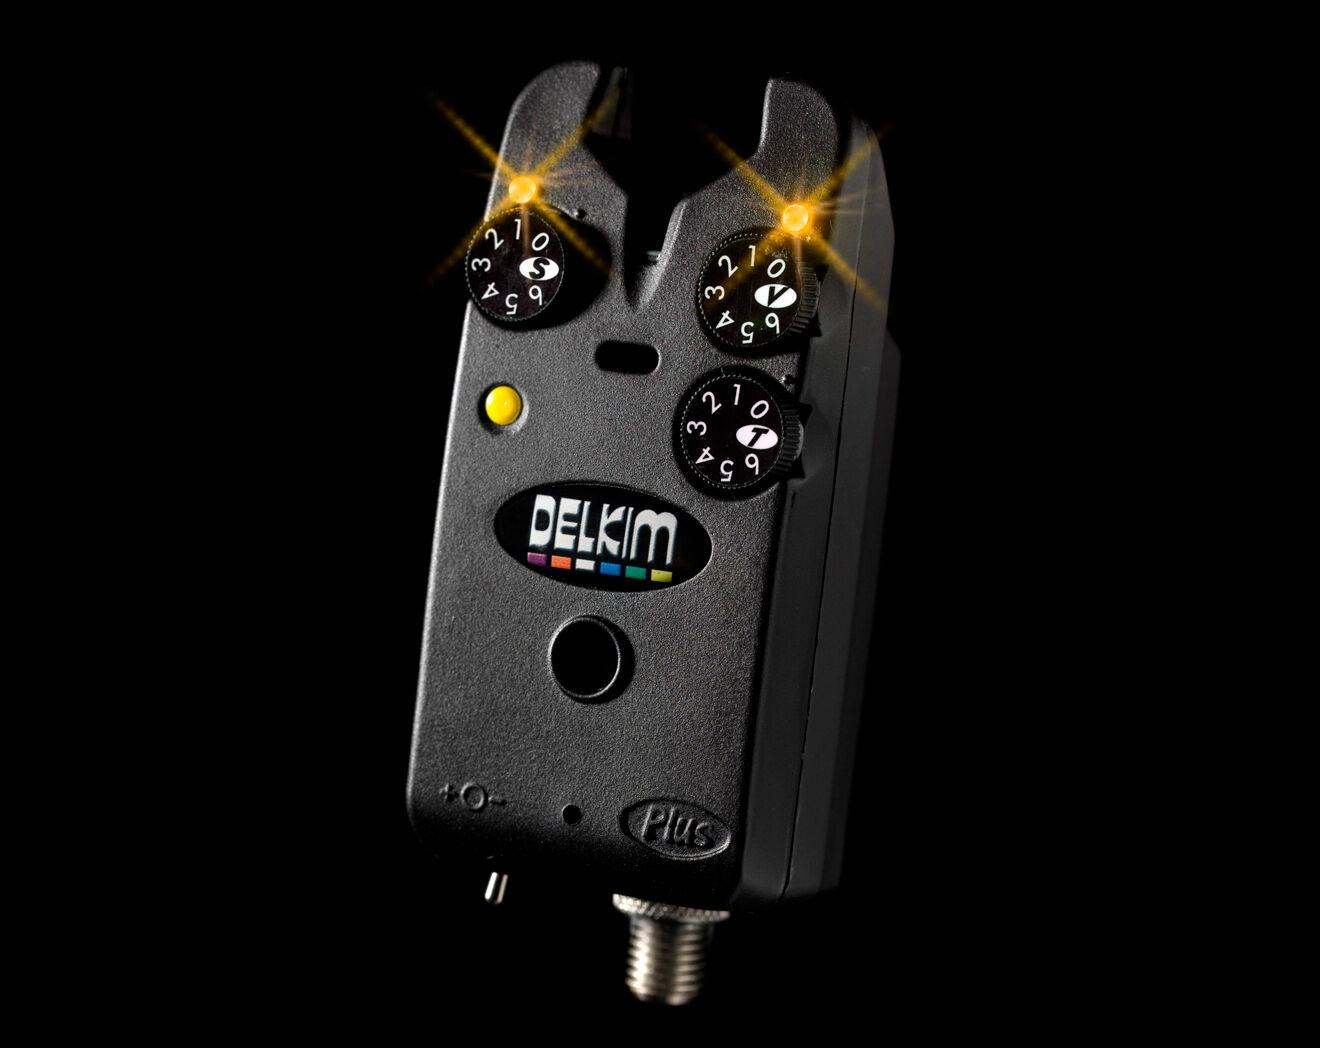 Delkim Standard Plus Elektronischer Bissanzeiger Gelb Karpfenangeln Ausrüstung